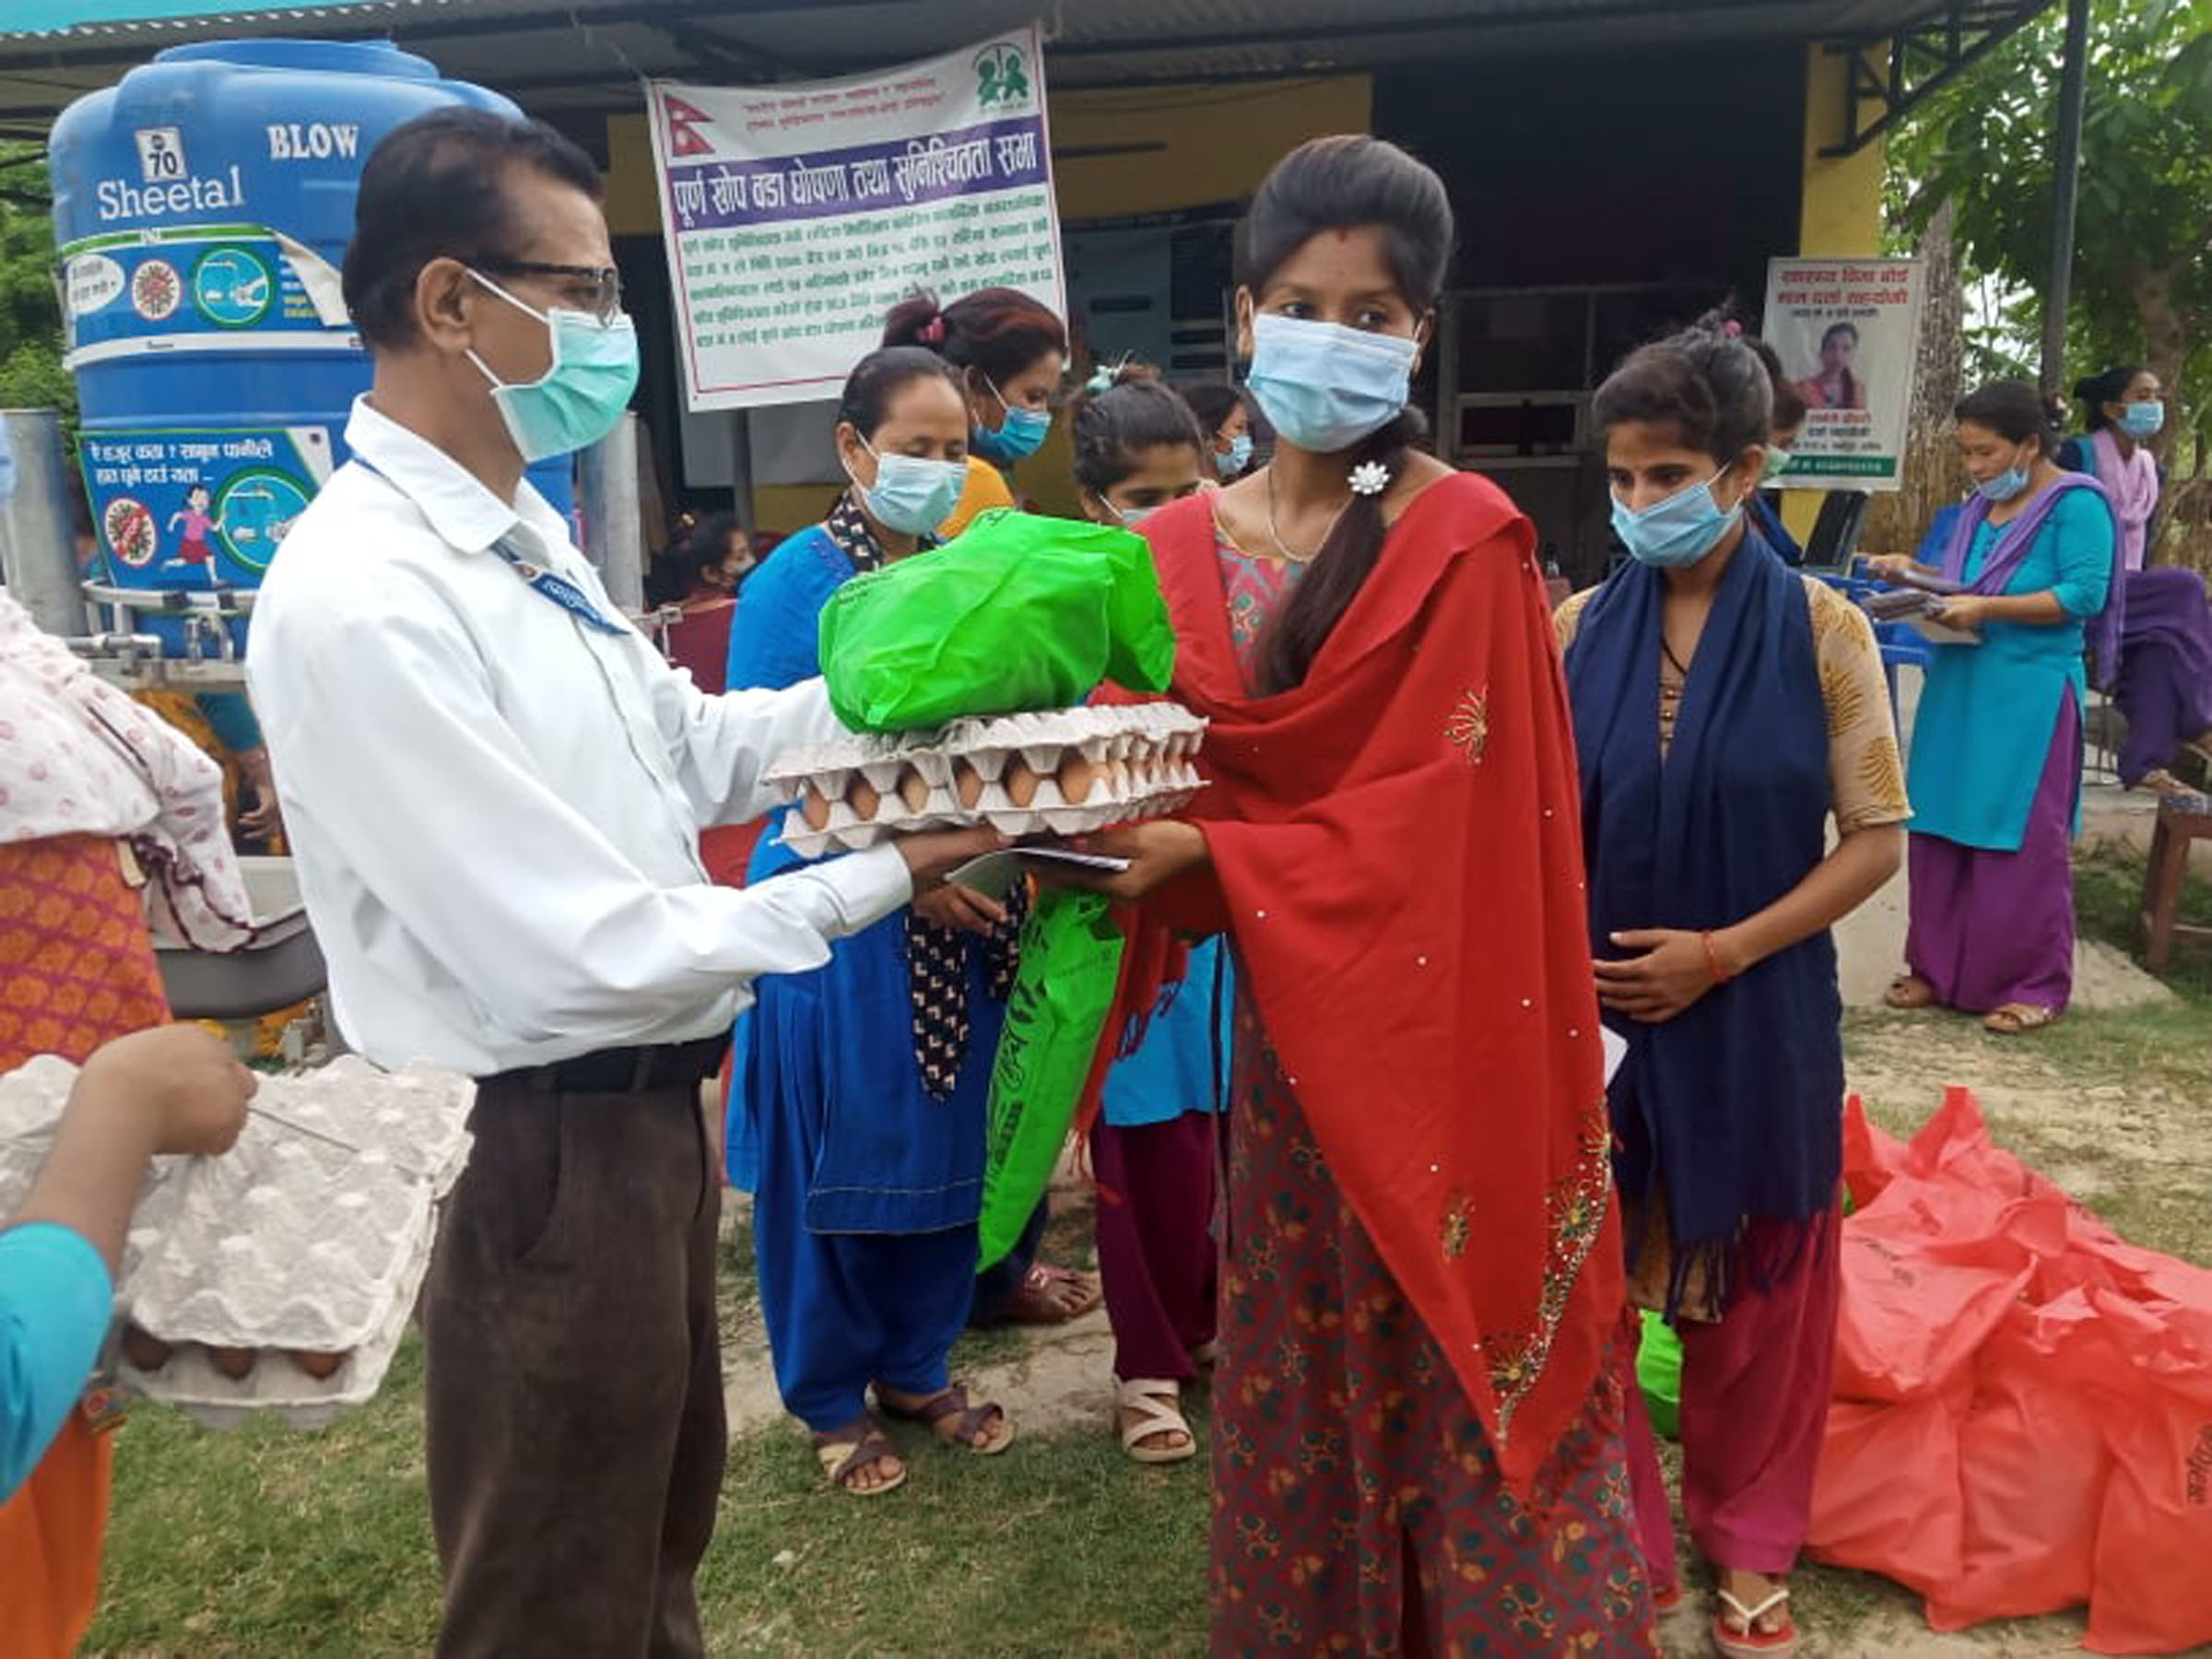 गर्भवतीलाई बारबर्दियाको उपहार, दूध सङ्कलन केन्द्रमा अनुदान